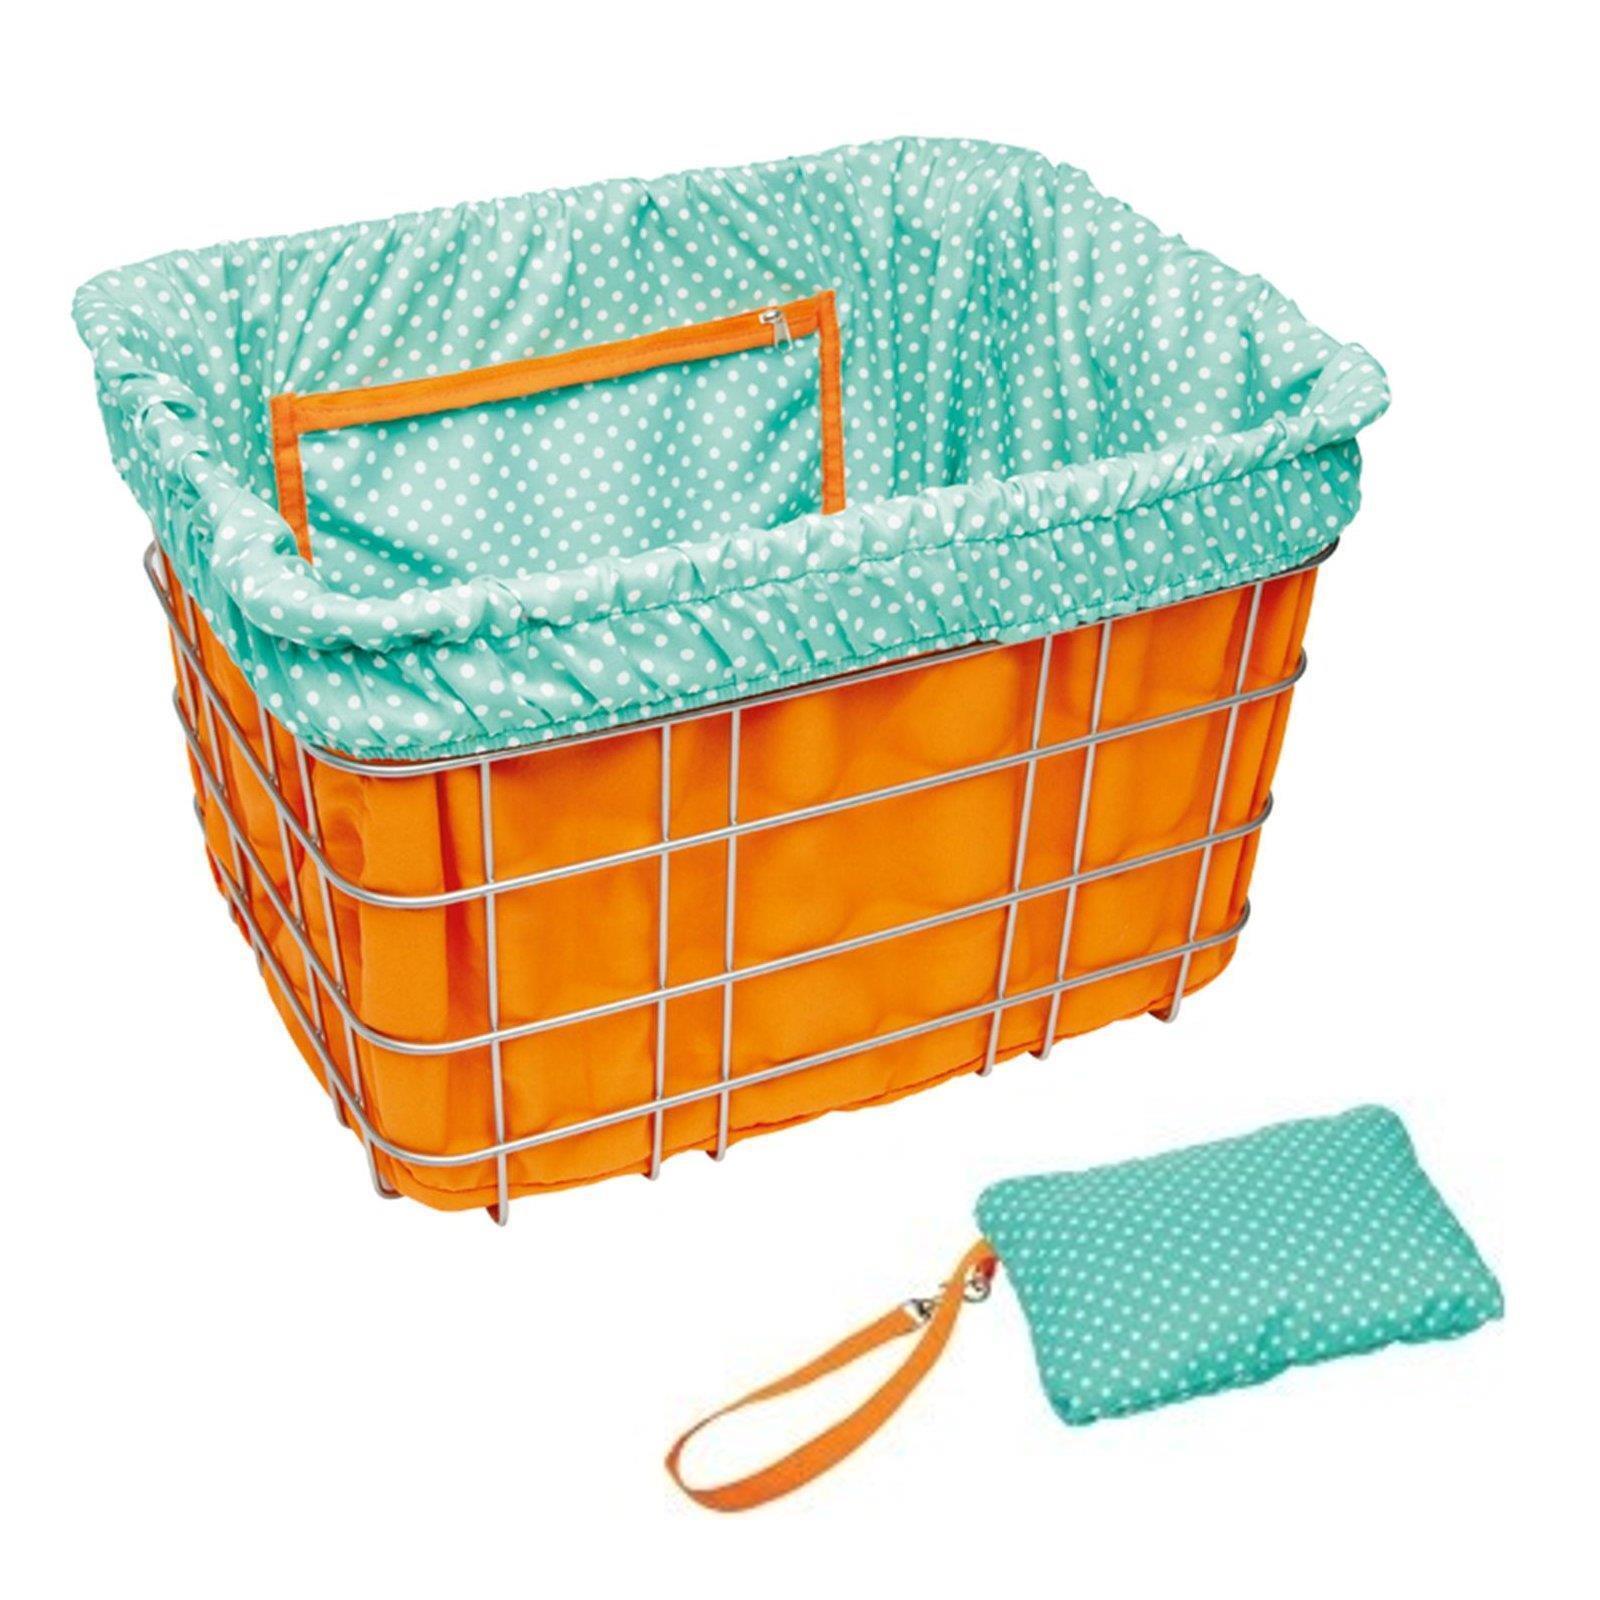 Electra Vélo Panier de dépôt orange turquoise Dots Guidon Guidon Guidon Sac à provisions utilisation 71694c